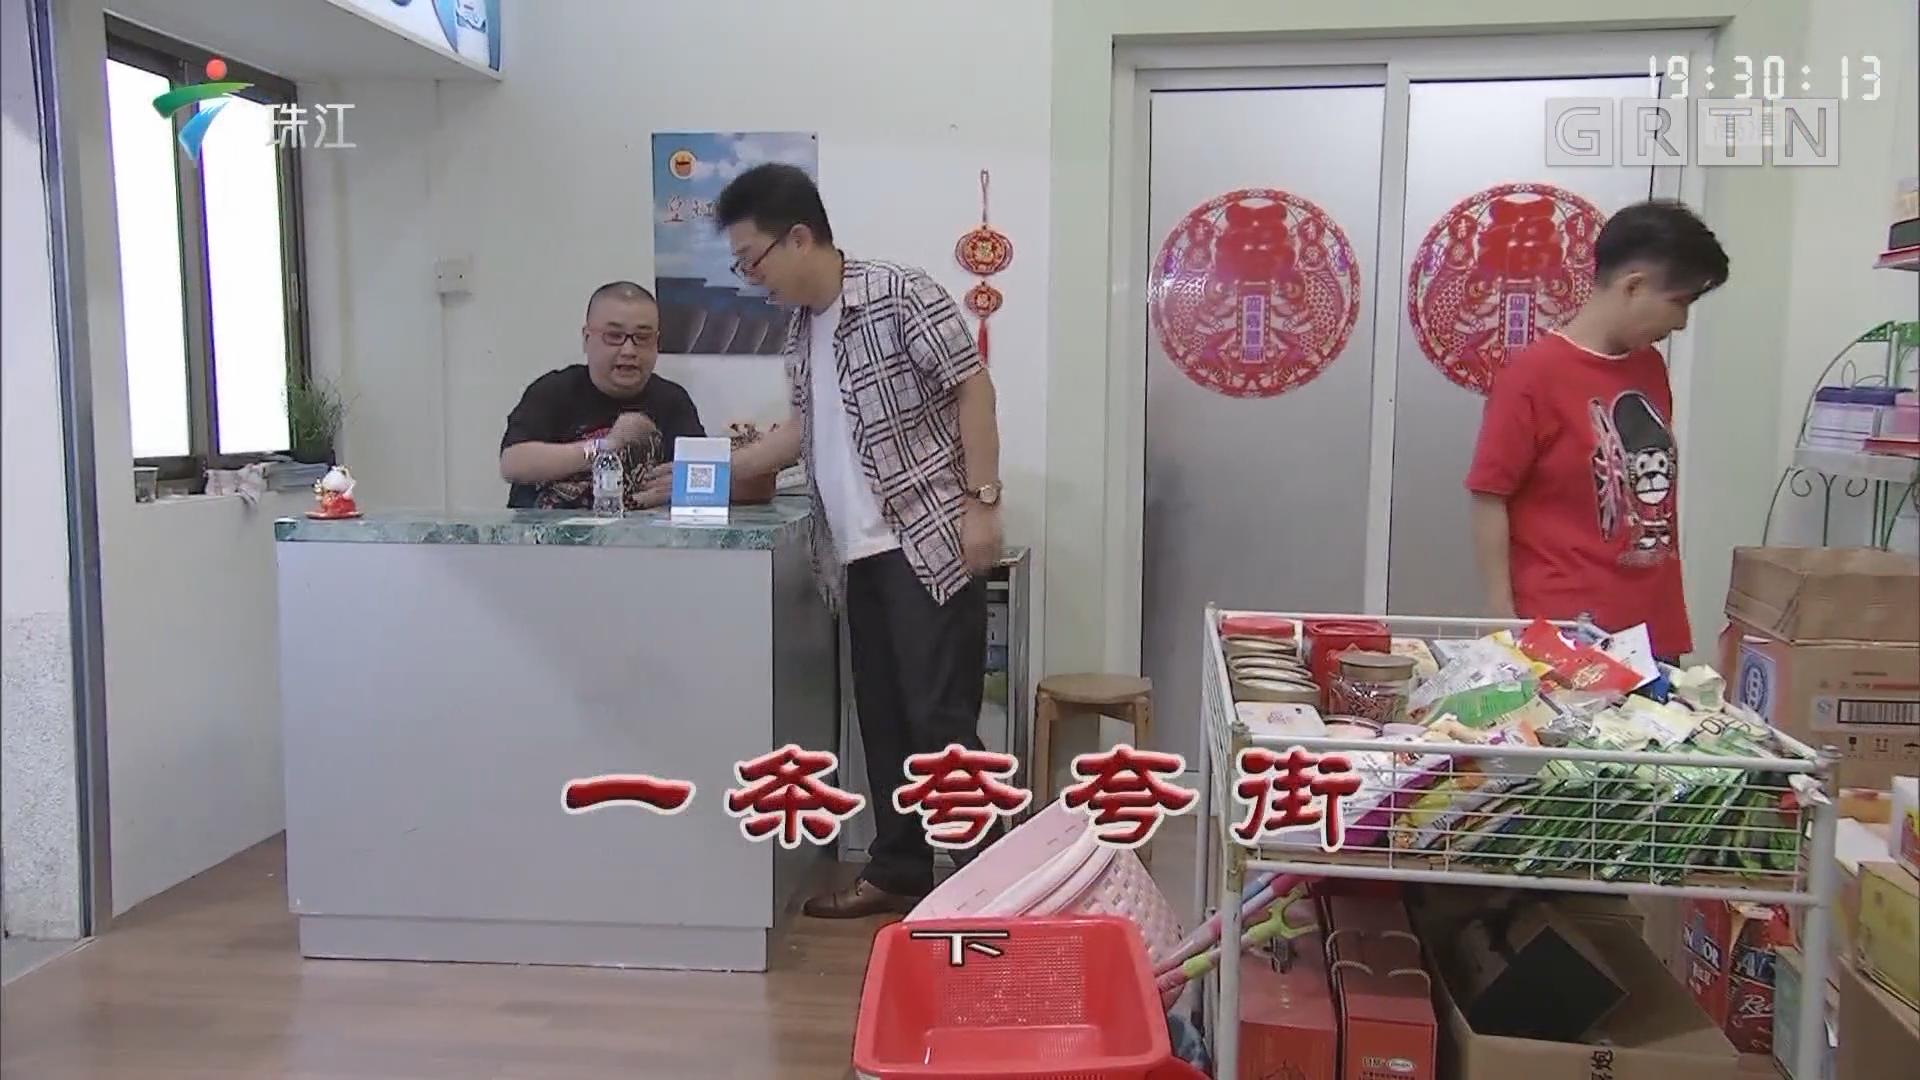 [HD][2019-09-15]外来媳妇本地郎:一条夸夸街(下)